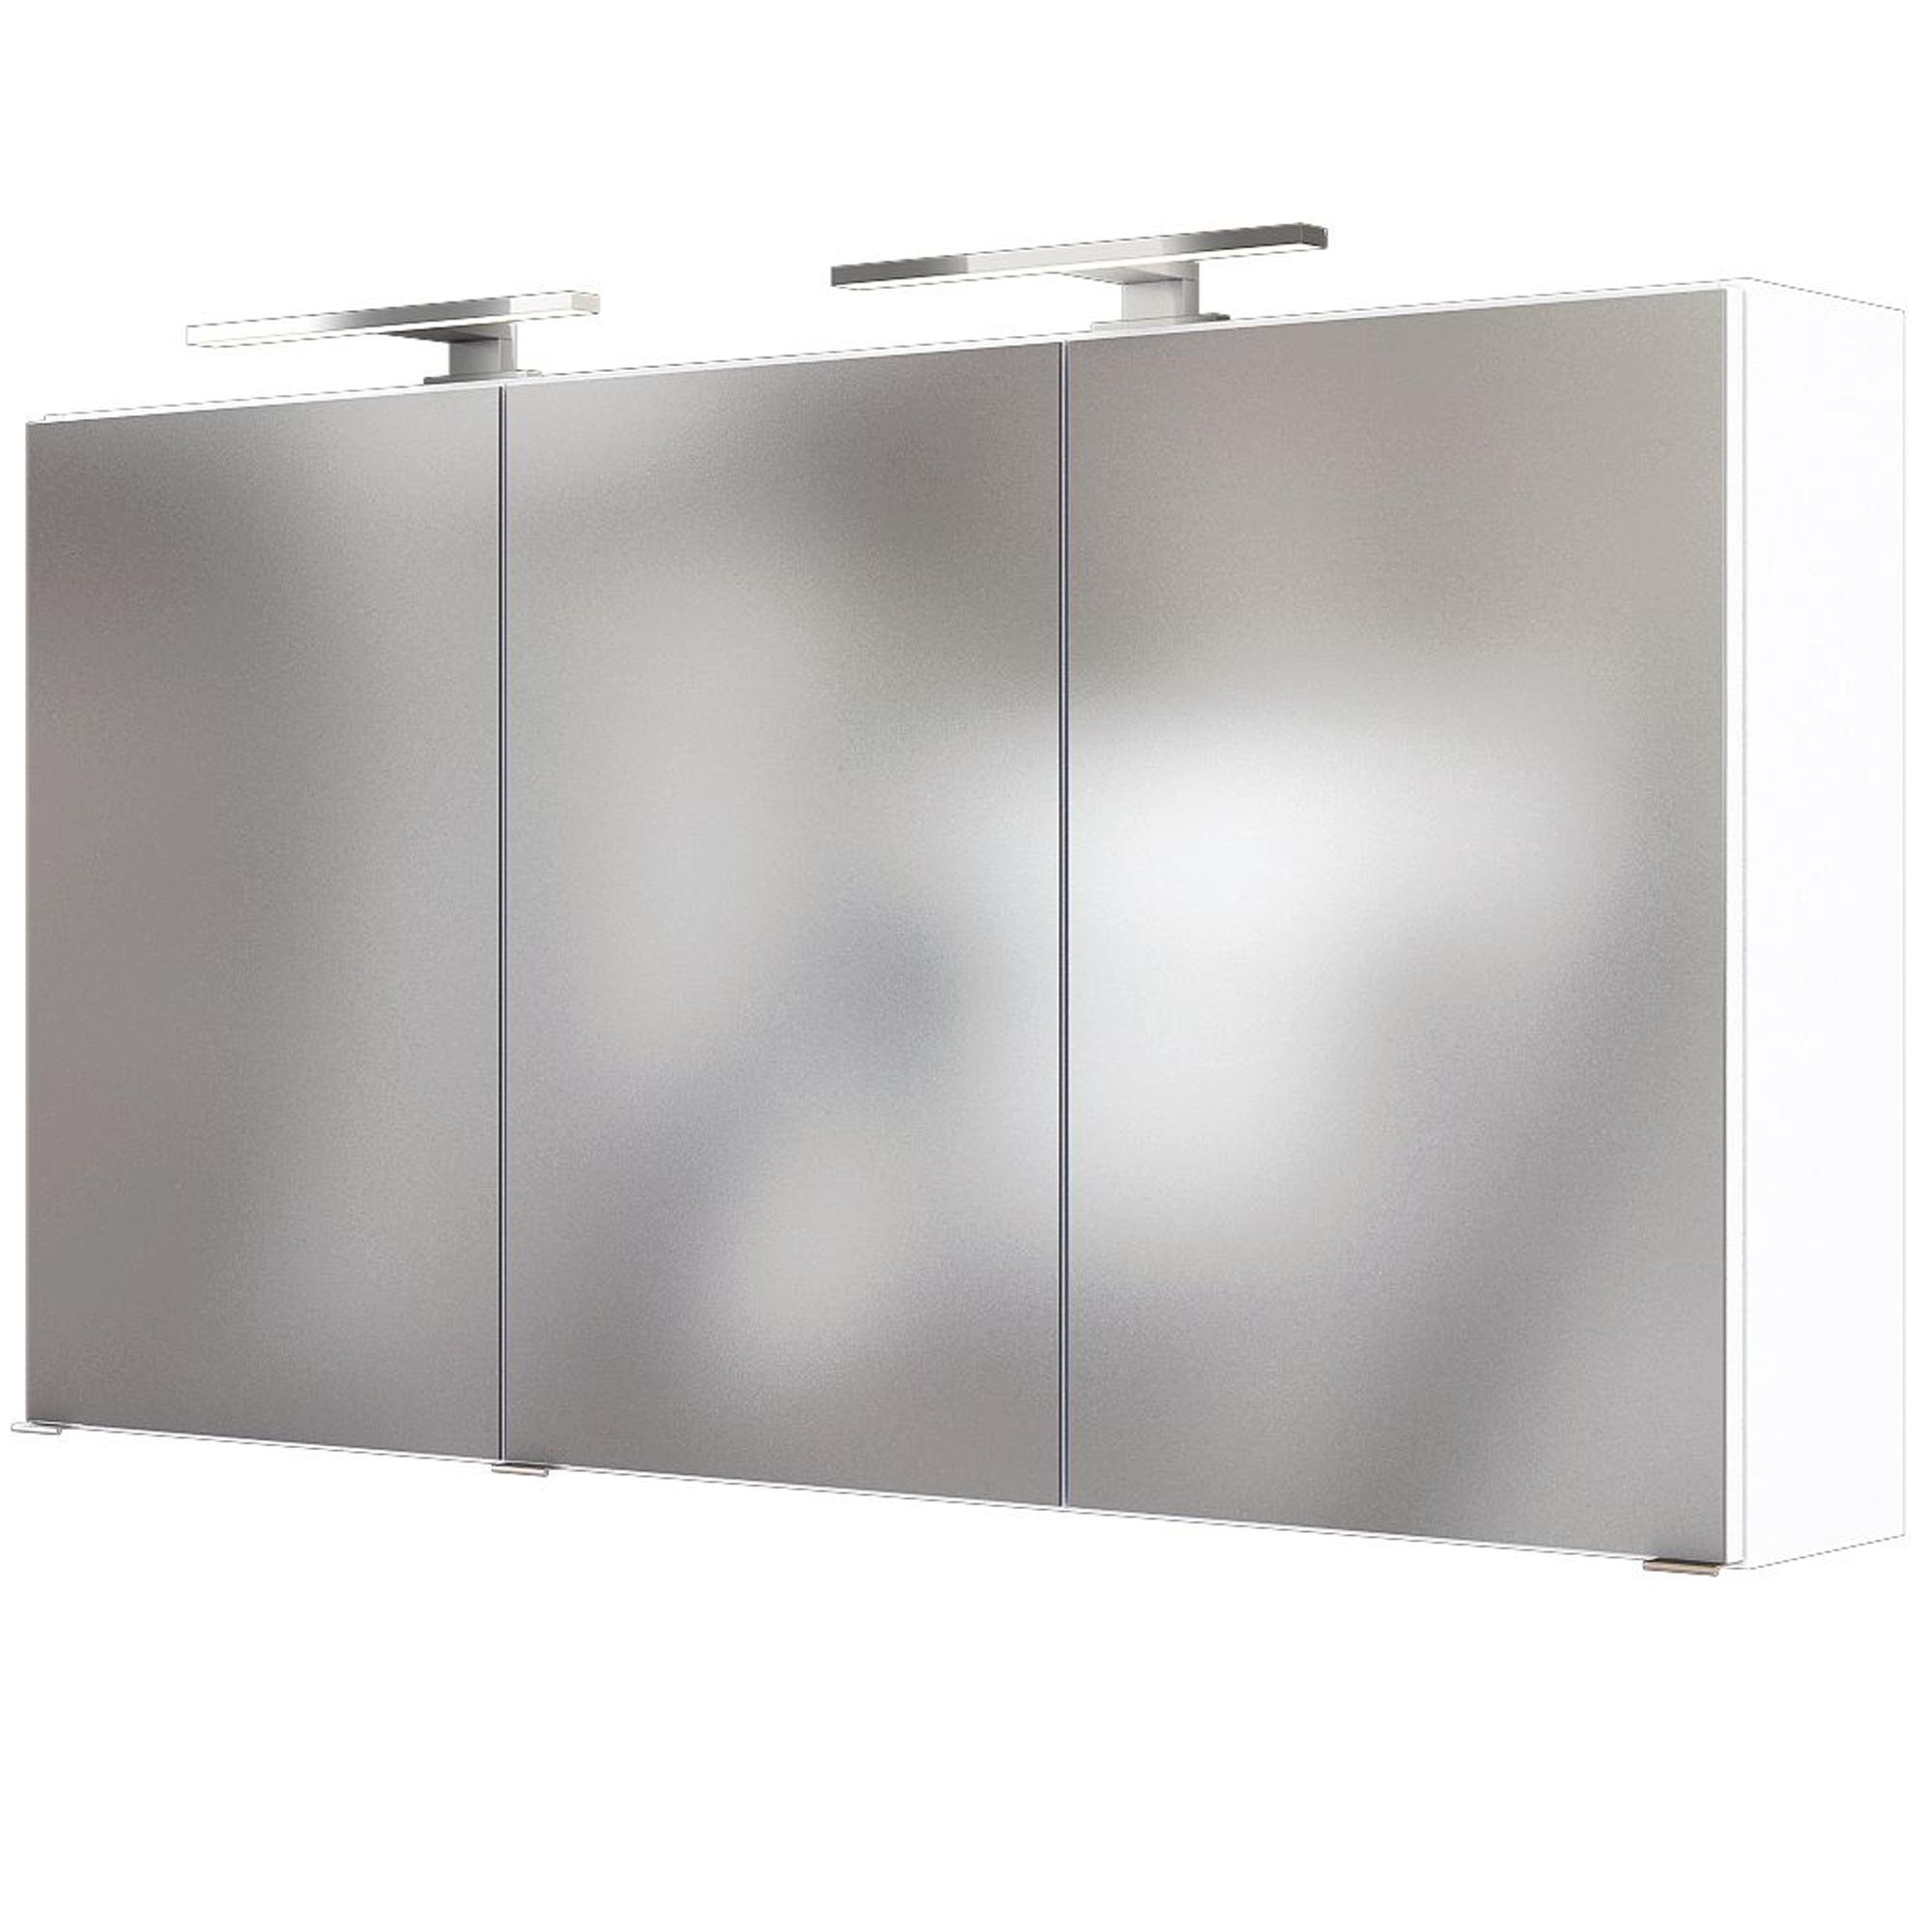 Badezimmerspiegel Lampe.Spiegelschrank Badspiegel Badezimmerspiegel 3 Turen Led Lampe 120 Cm Weiss Ebay